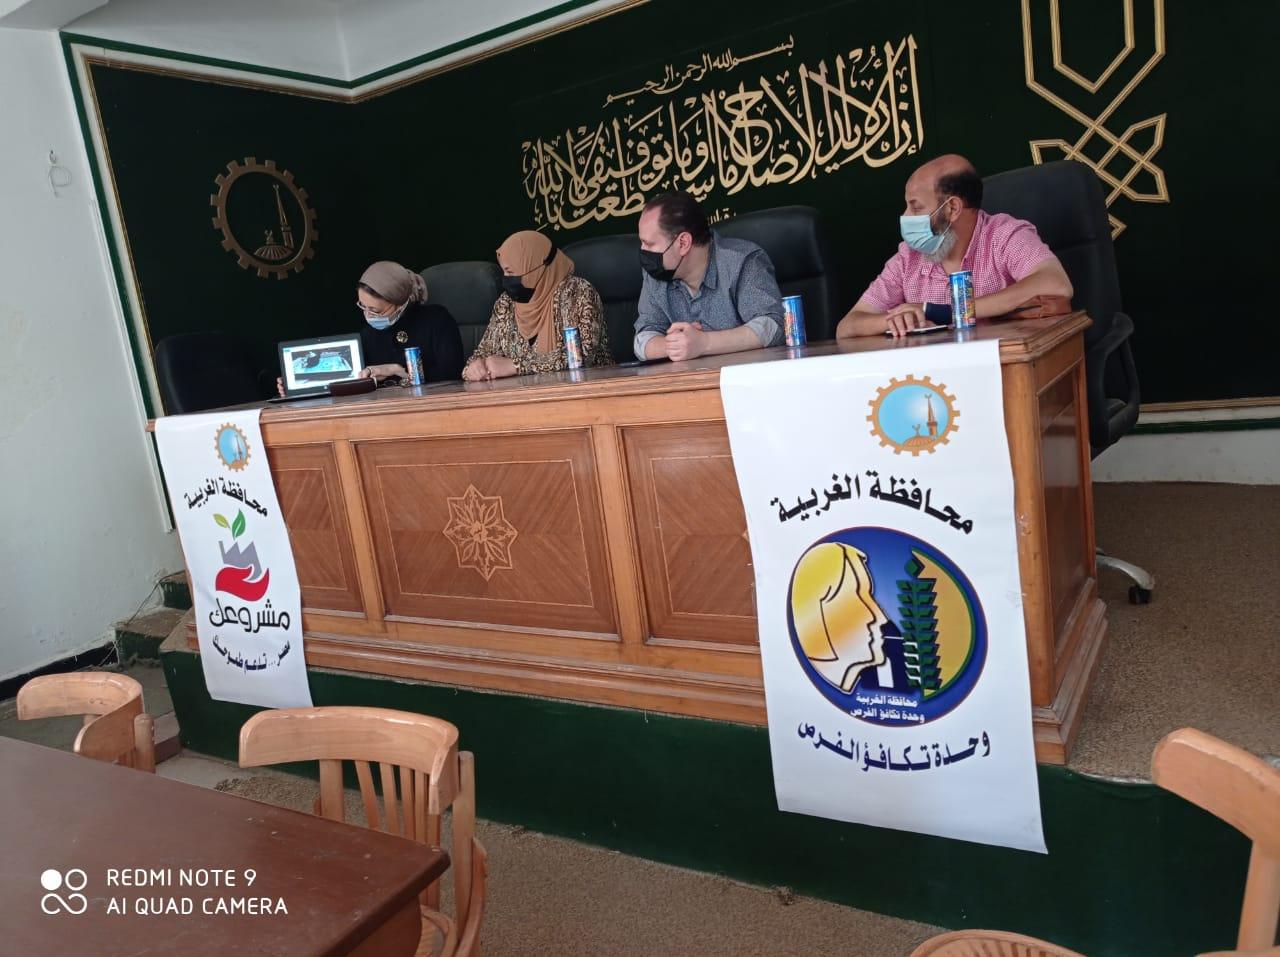 """محافظة الغربية تعقد الندوة التثقيفية """"كيف تبدأ مشروعك"""" ضمن مبادرة حياة كريمة"""